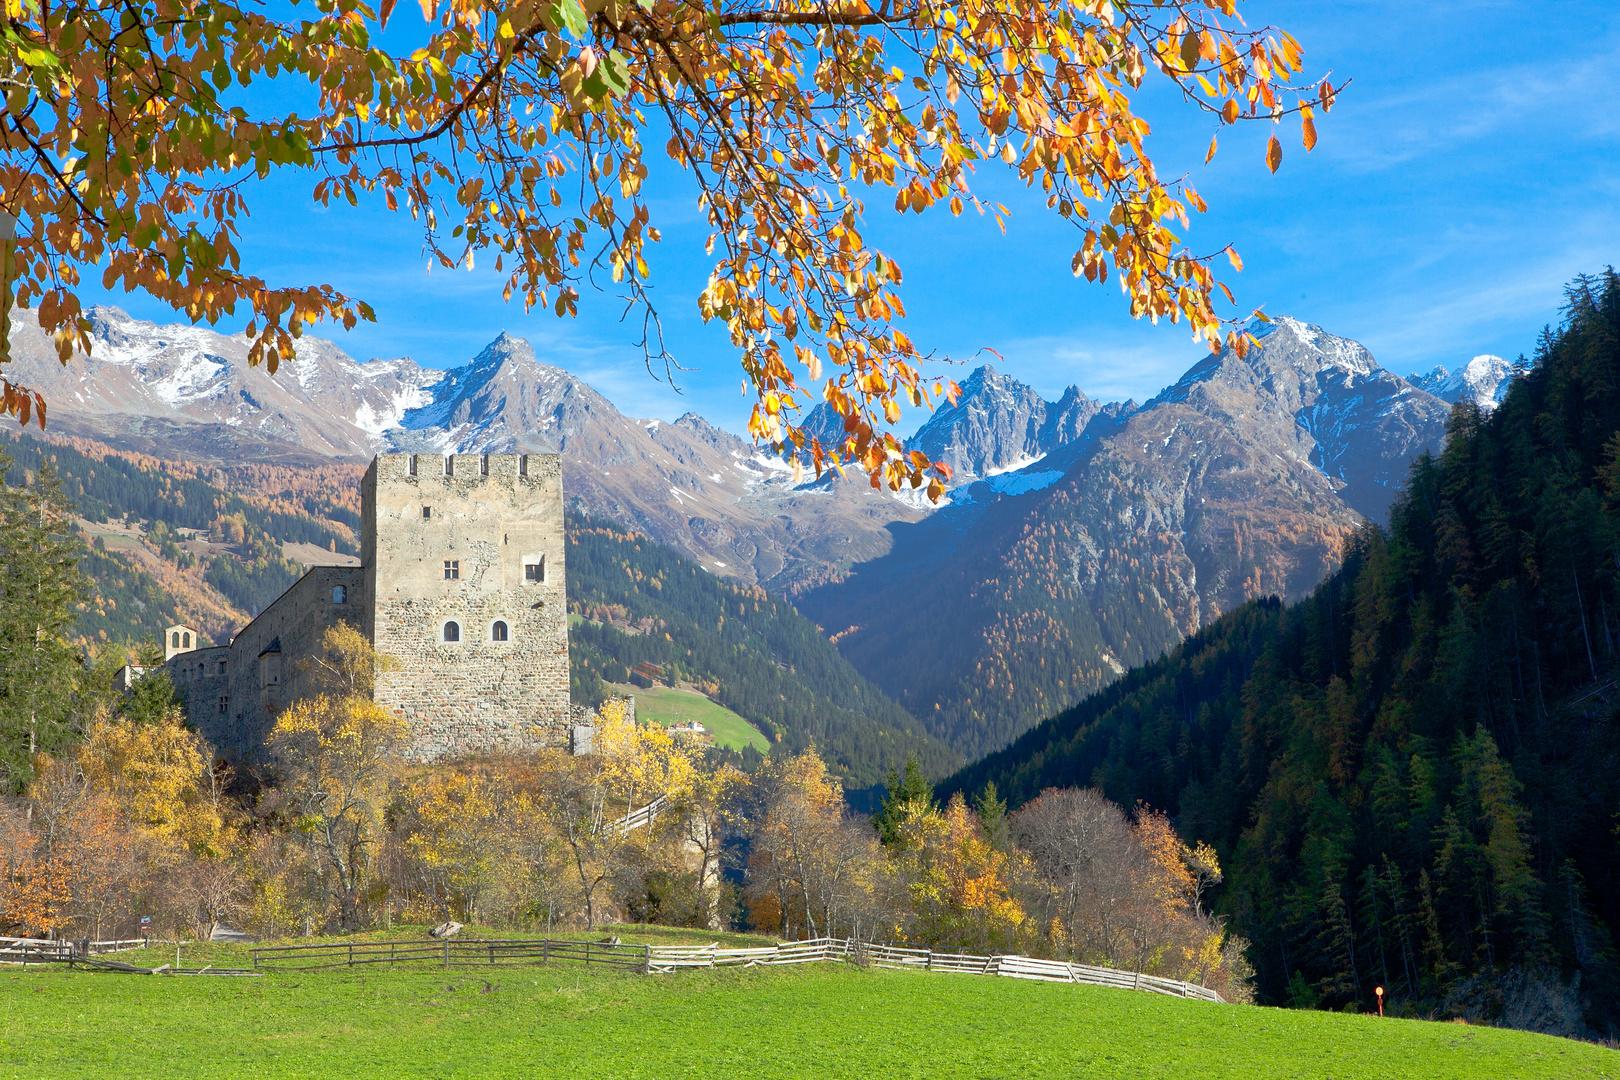 Spätherbst bei der Burg Bernegg